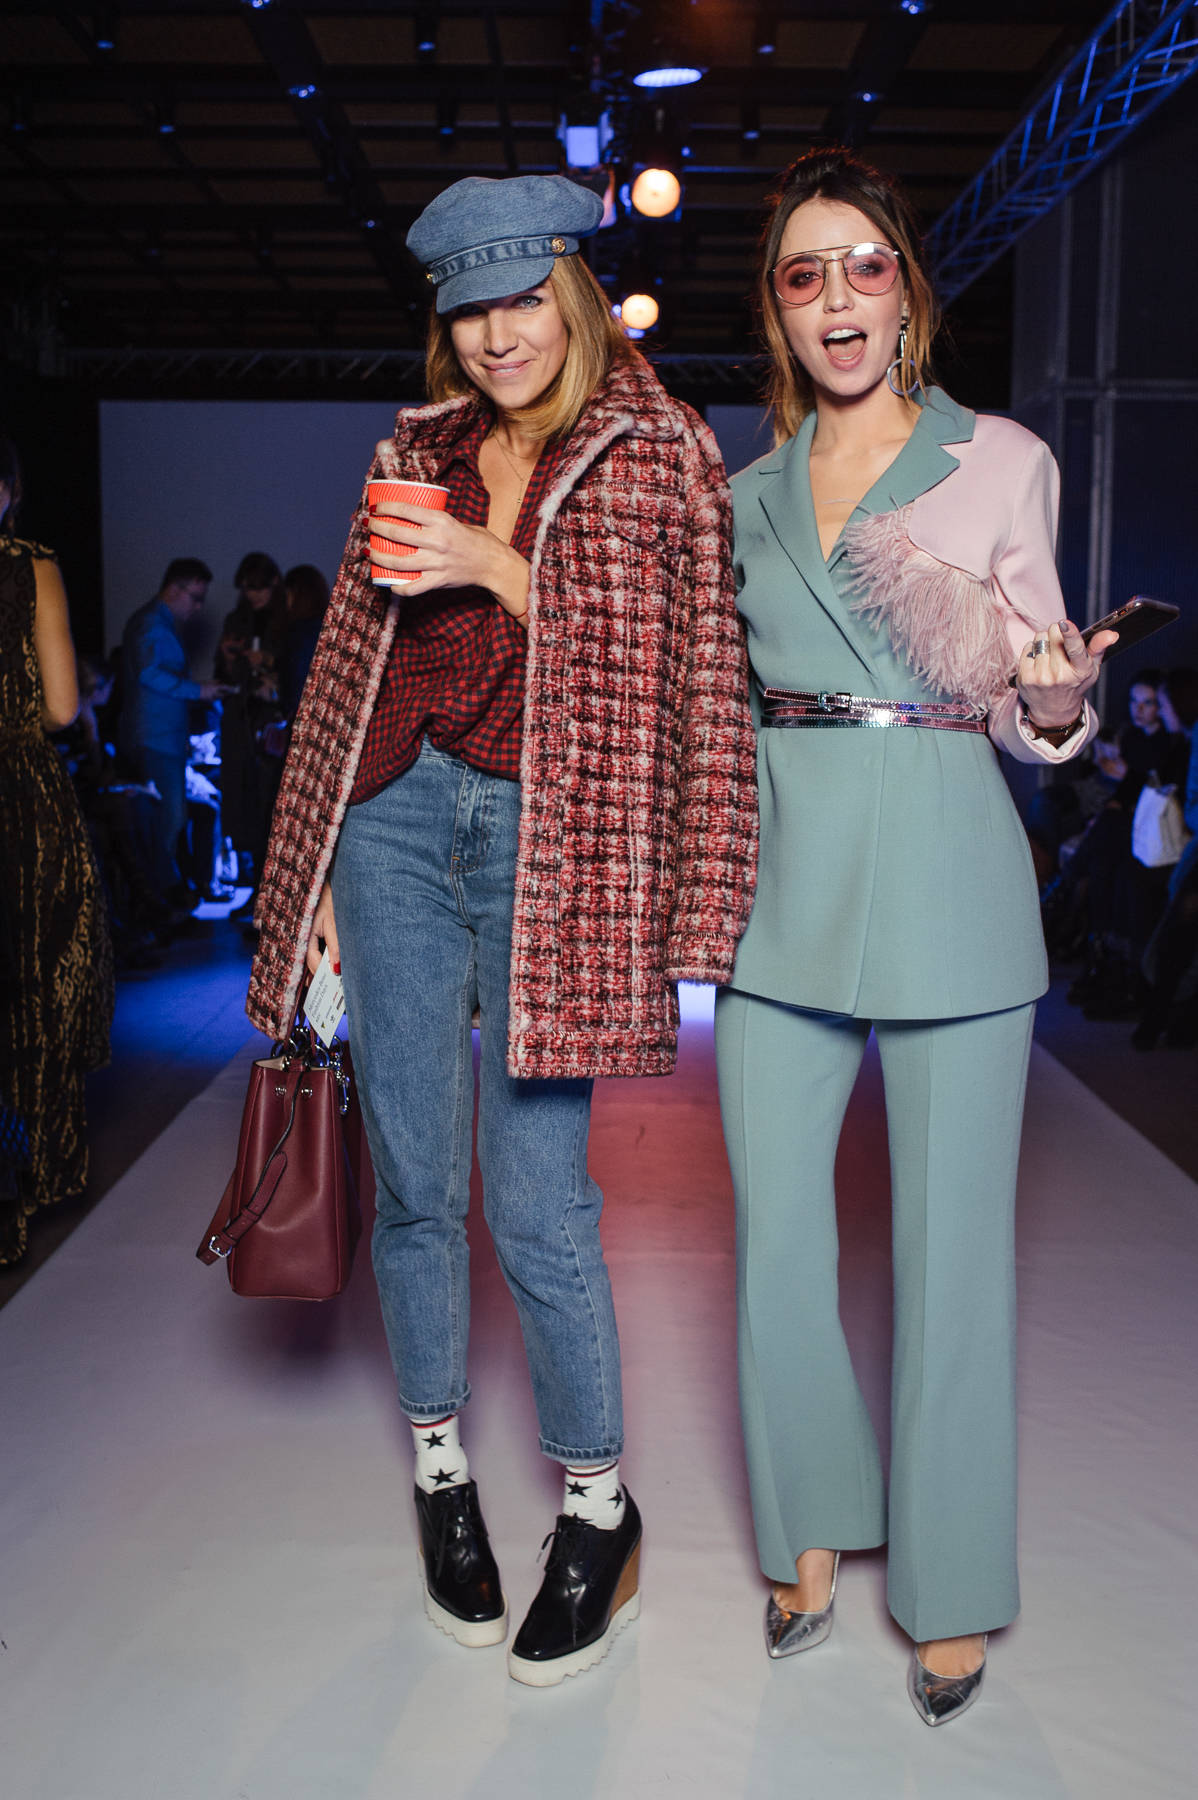 81583f9535a7 1-5 февраля в КВЦ «Парковый» состоялся 14-й сезон международной недели моды  Mercedes-Benz Kiev Fashion Days. В рамках недели моды было представлено 54  ...